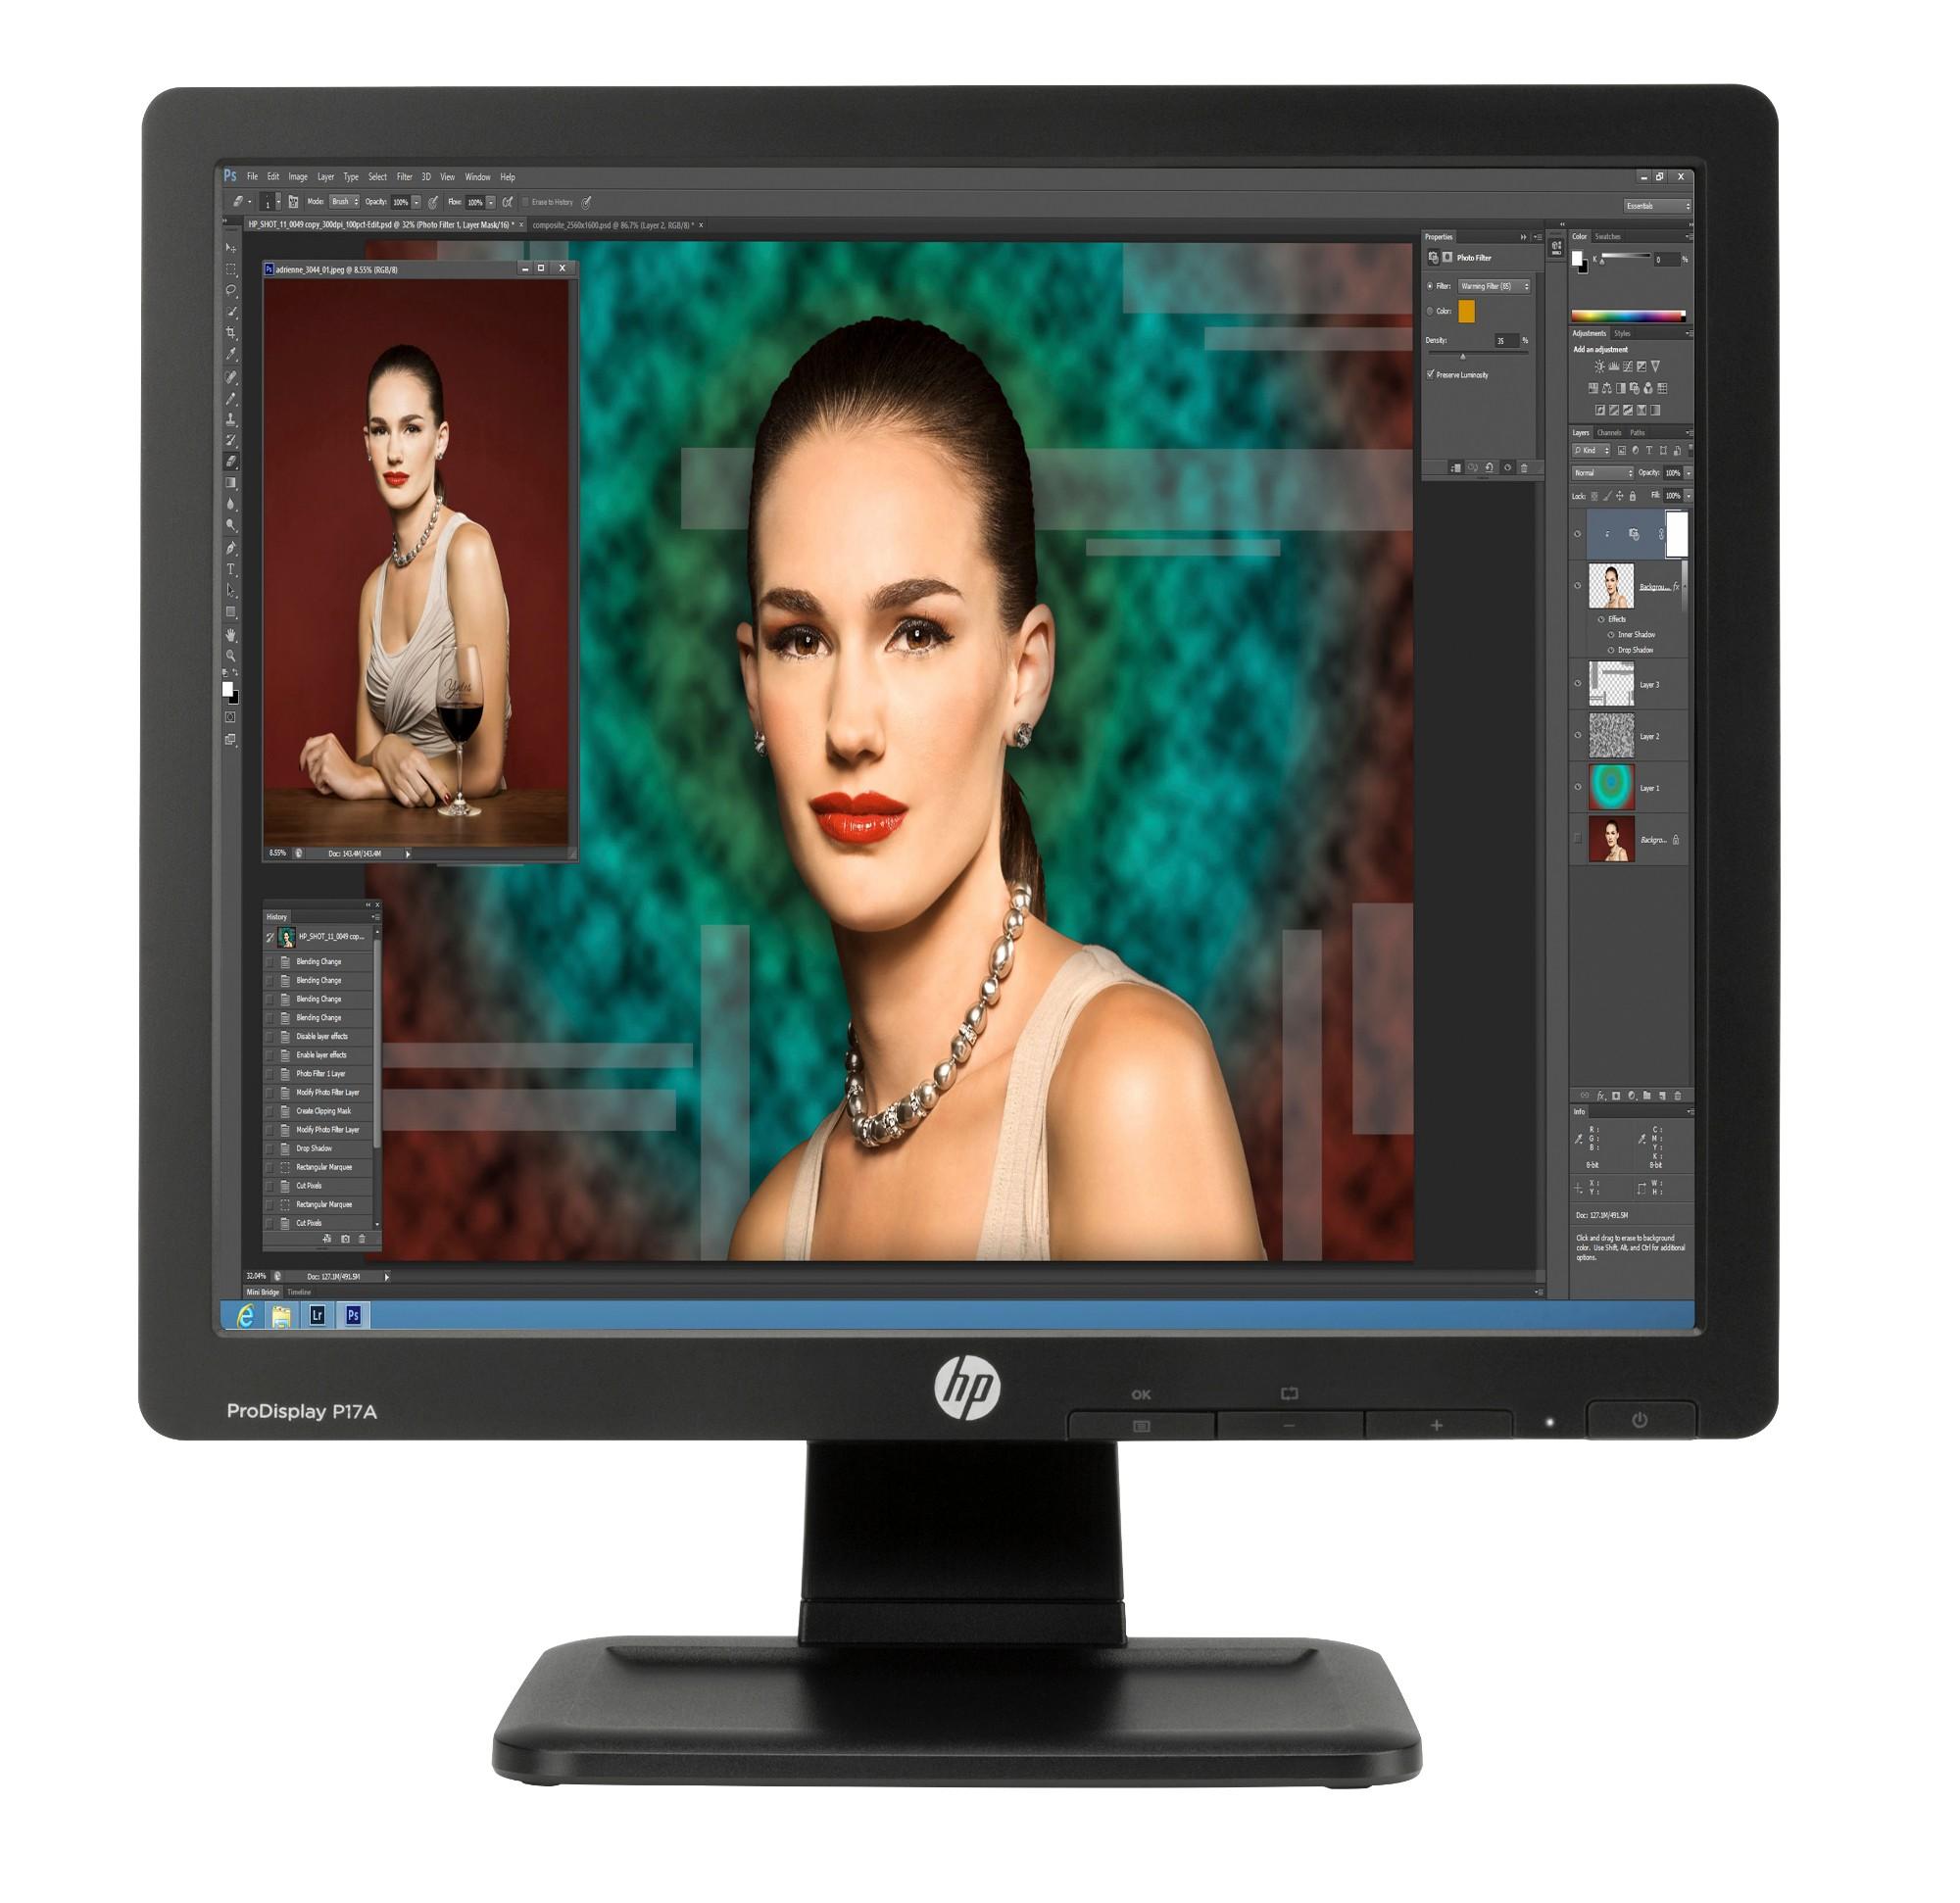 """HP ProDisplay P17A 43.2 cm (17"""") 1280 x 1024 pixels LED Black"""